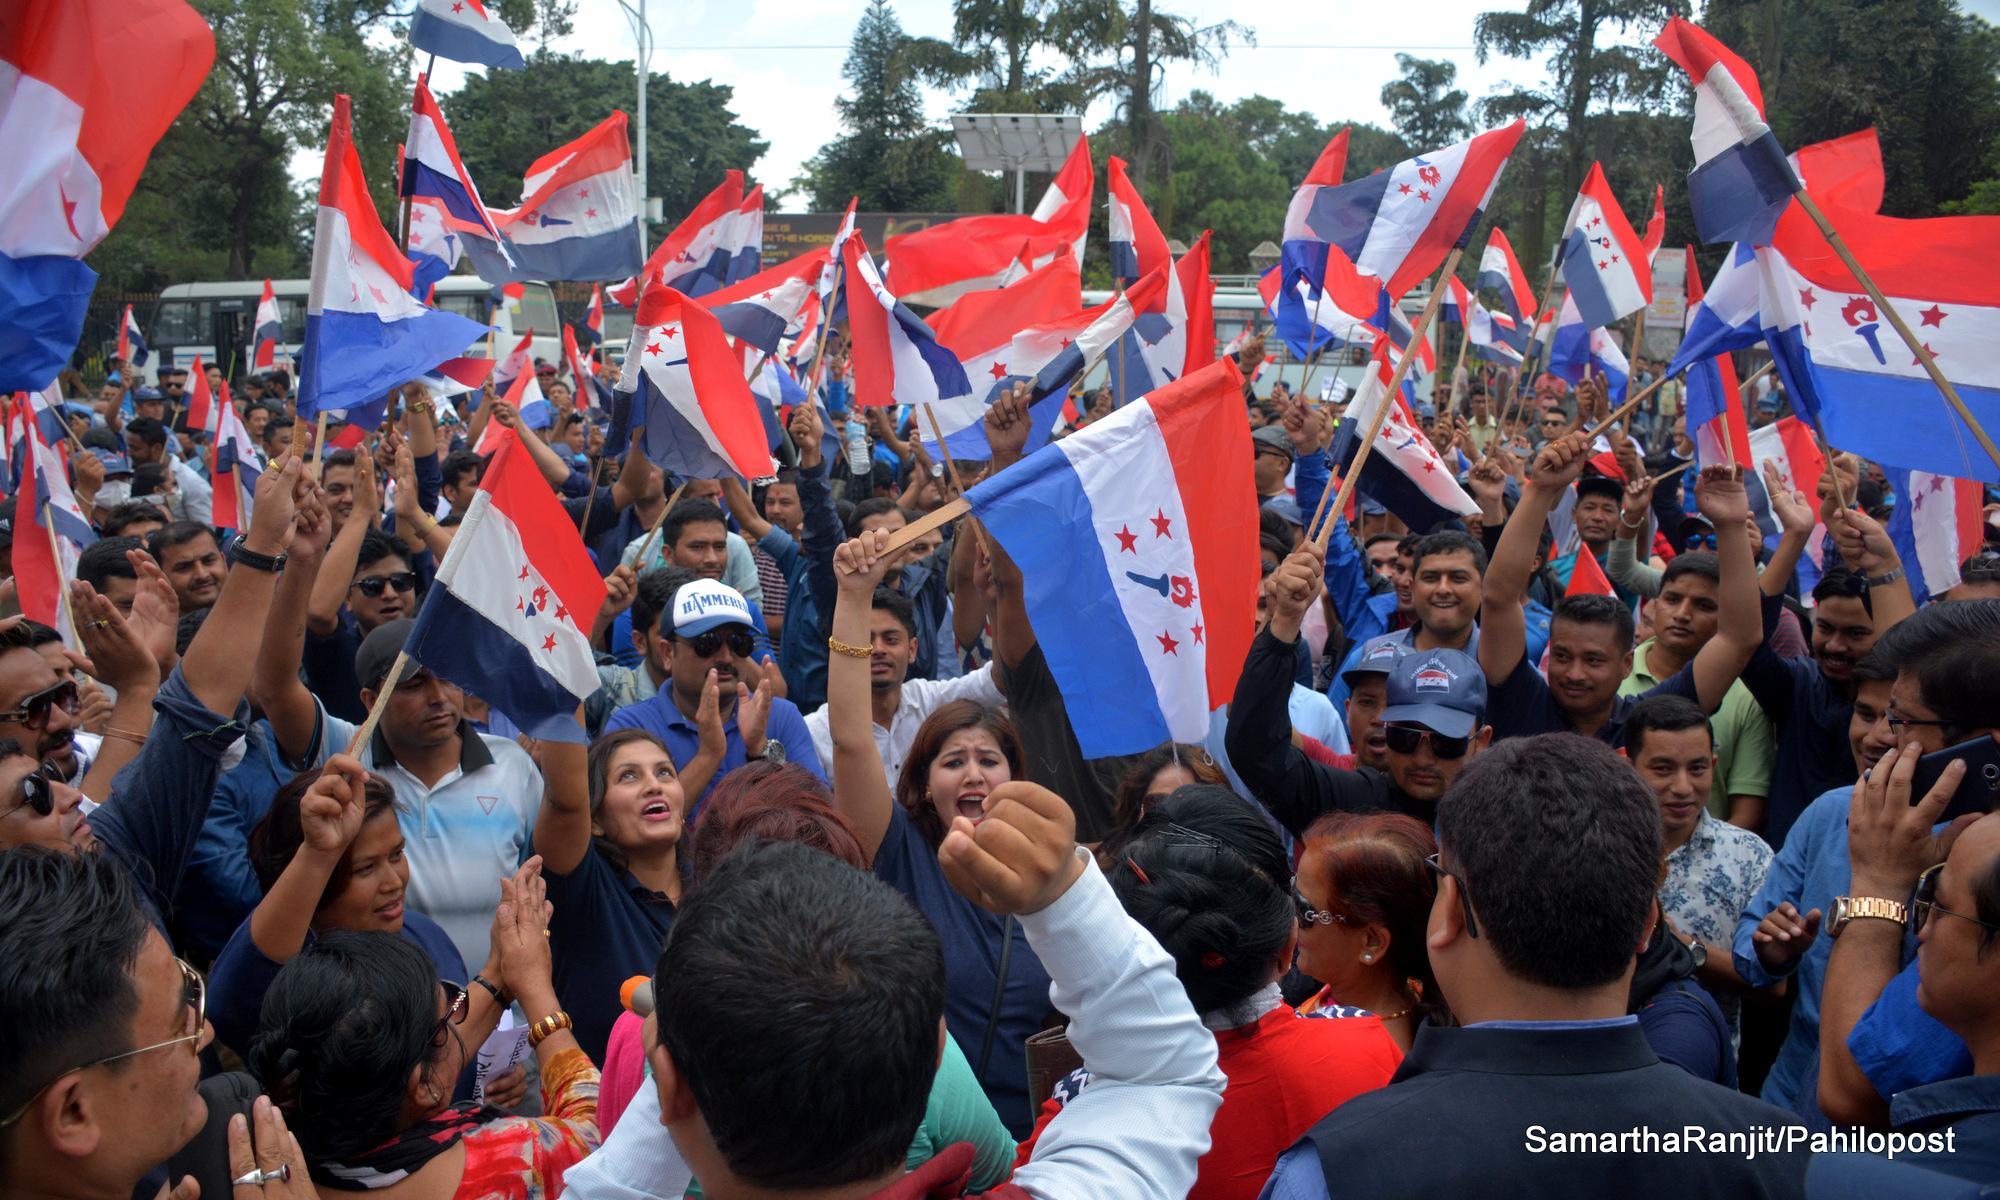 सरकारको कार्यशैलीप्रति असन्तुष्ट तरुण दलको विरोध सभा, हेर्नुस् ९ फोटो